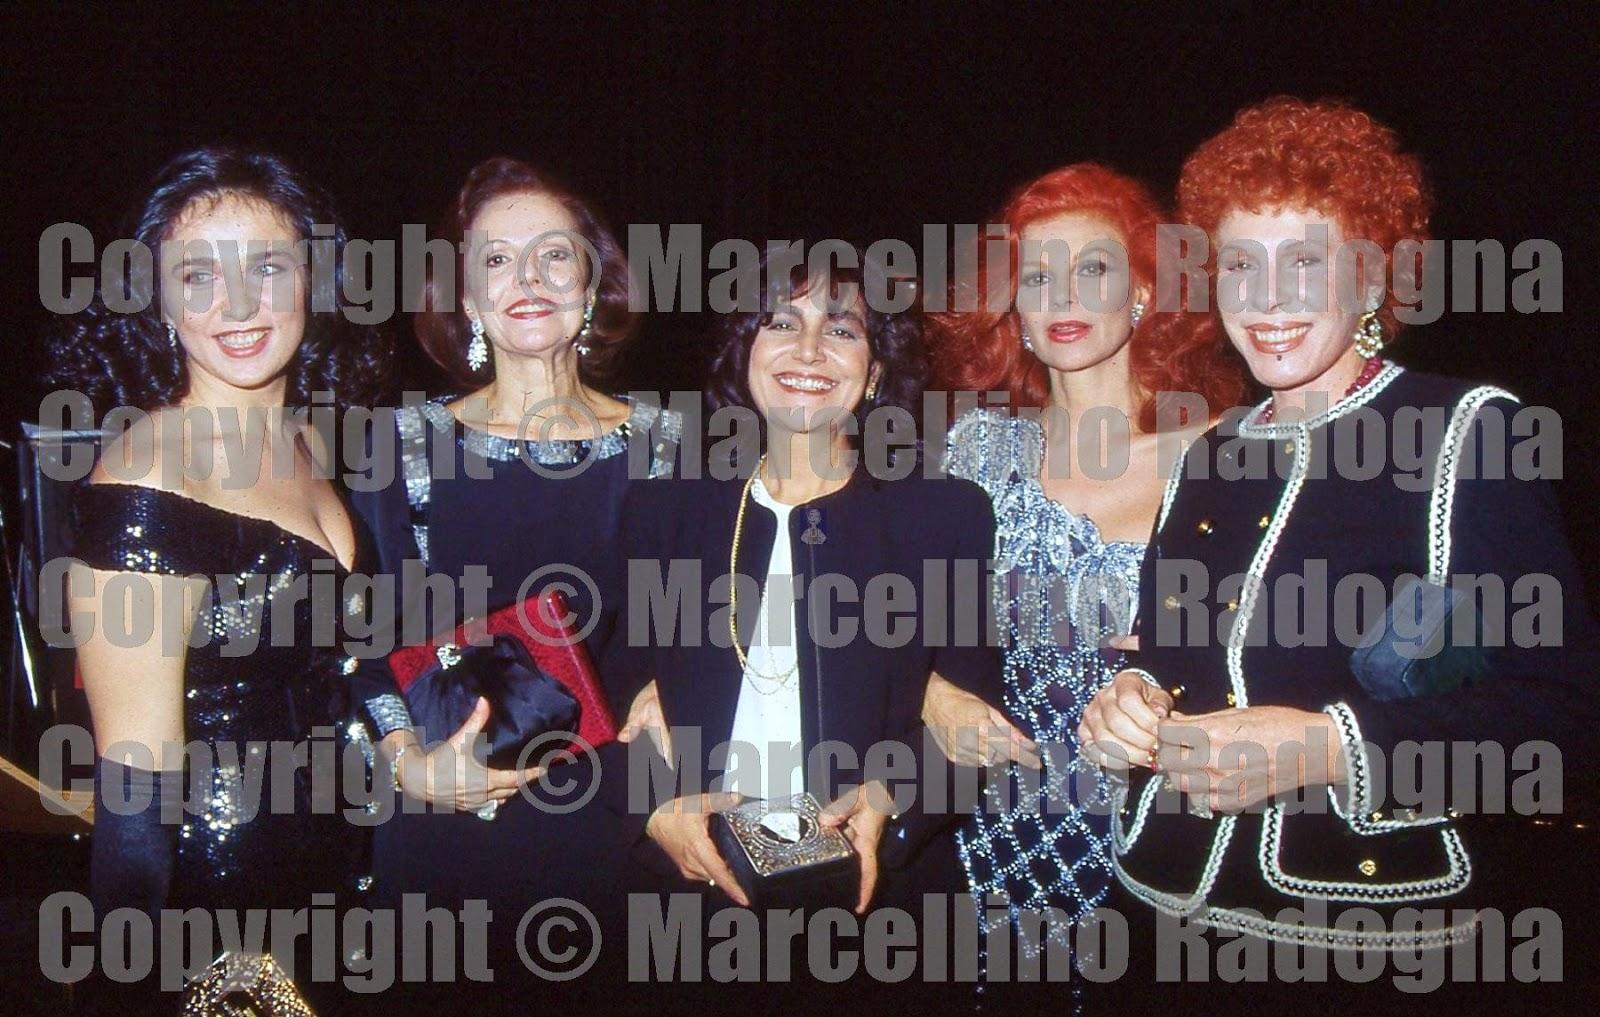 Marcellino Radogna - Fotonotizie per la stampa: Fiamma Izzo con Raina  Kabaiwanska,Mia Martini,Milva e Ornella Vanoni